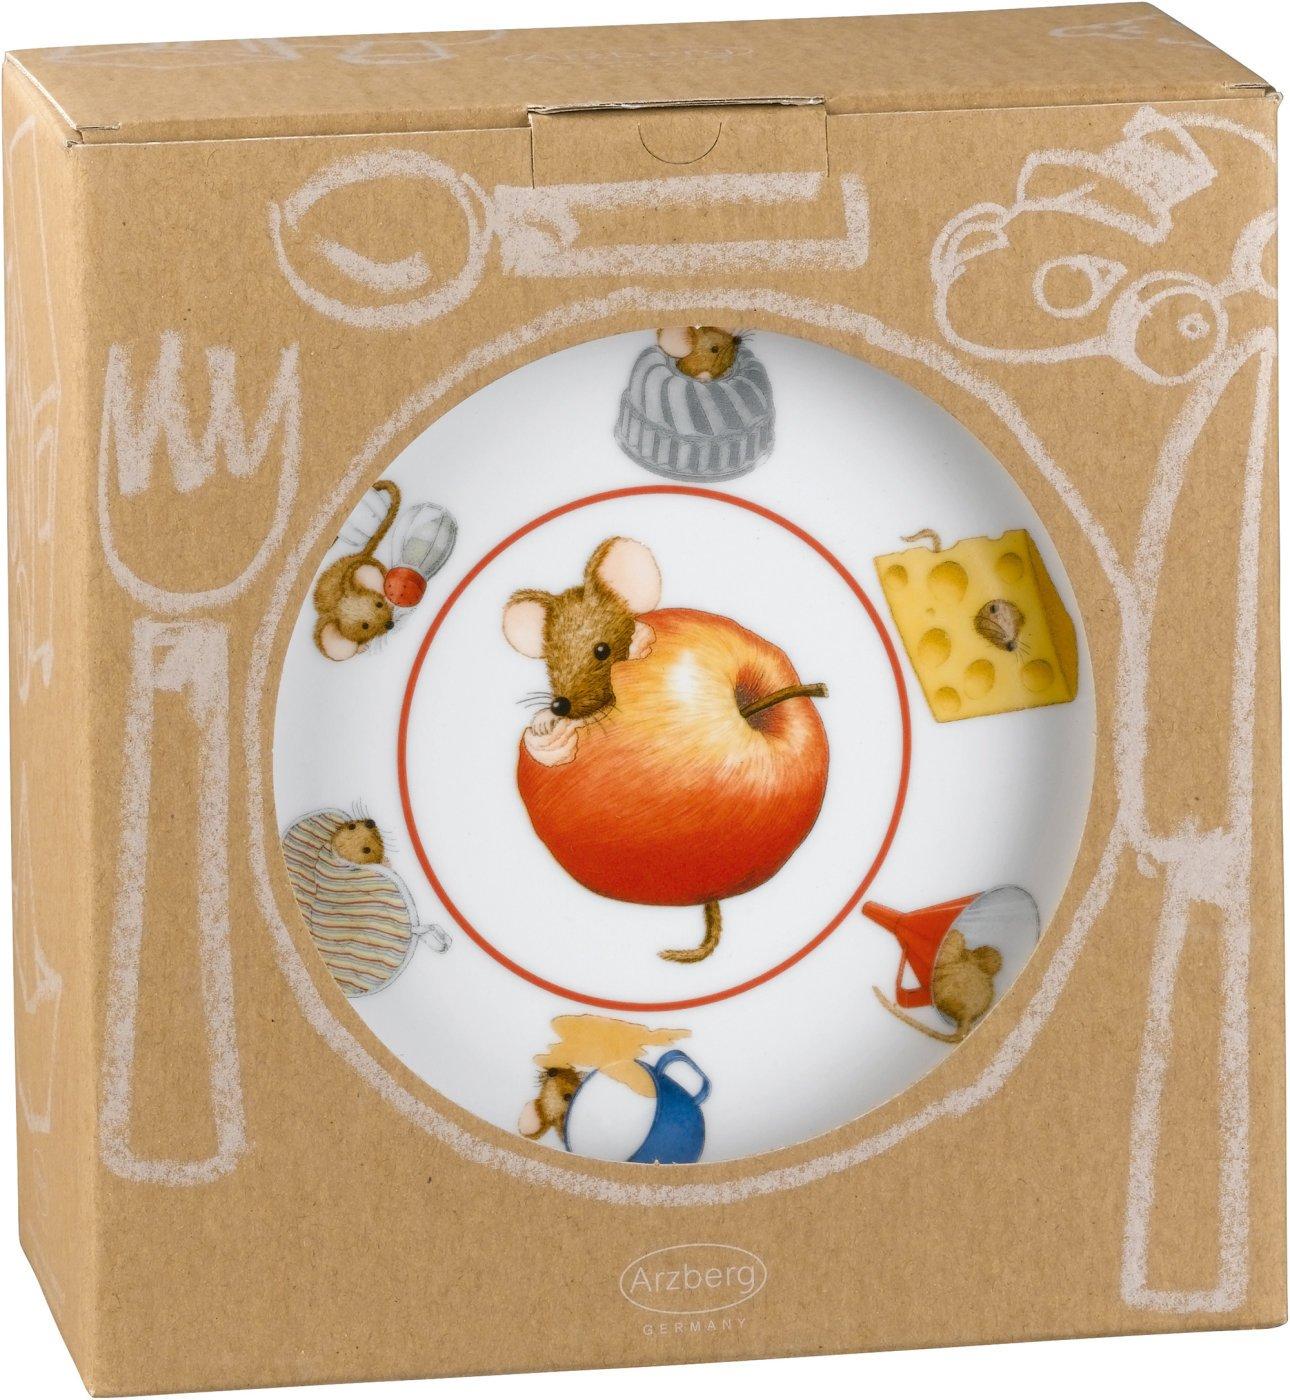 K/üchenmaus im Geschenkkarton Arzberg Form Daily Kinderset 3-tlg